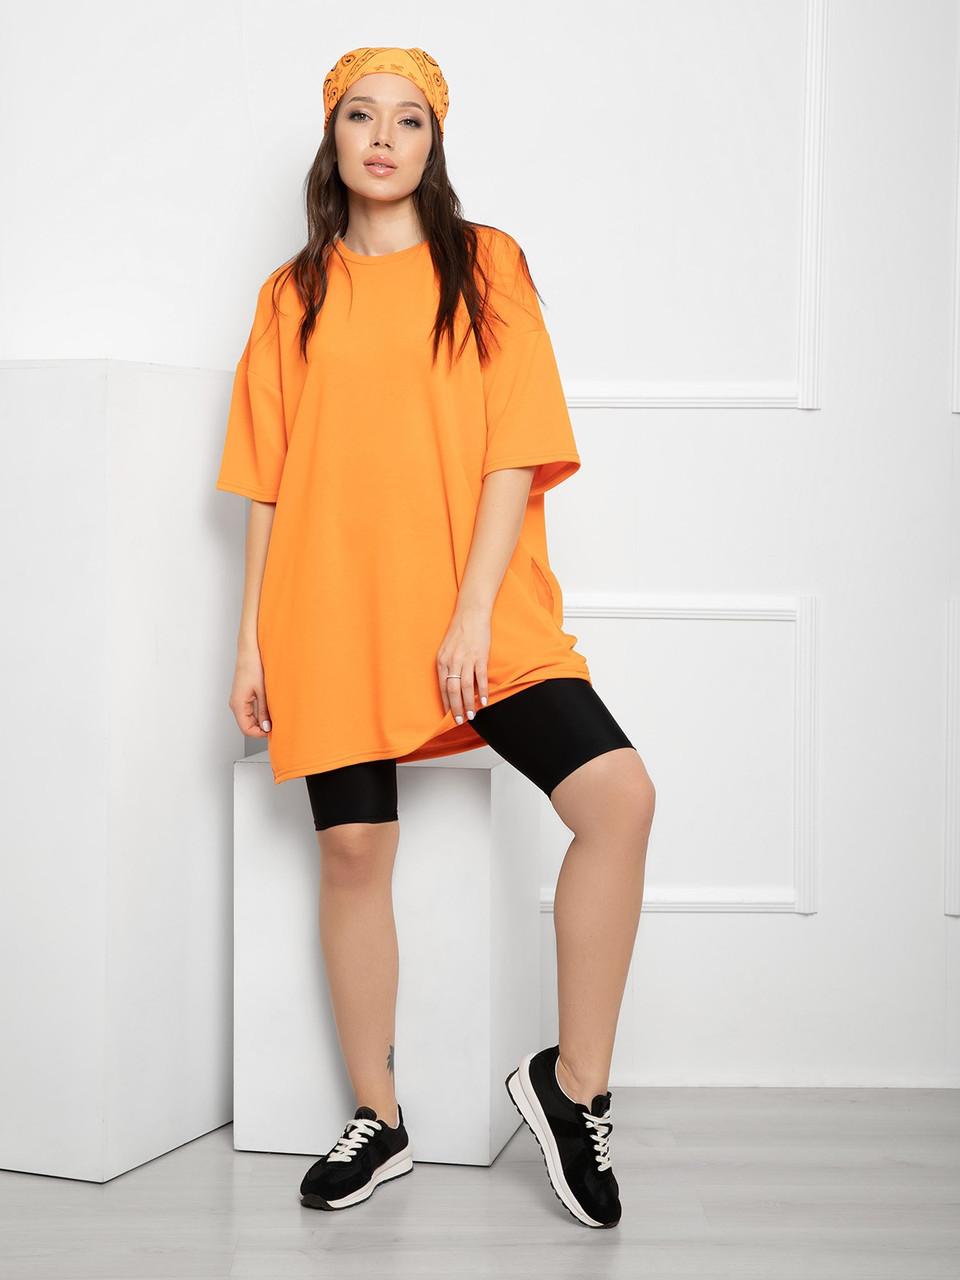 Оранжева вільна футболка трикотажна